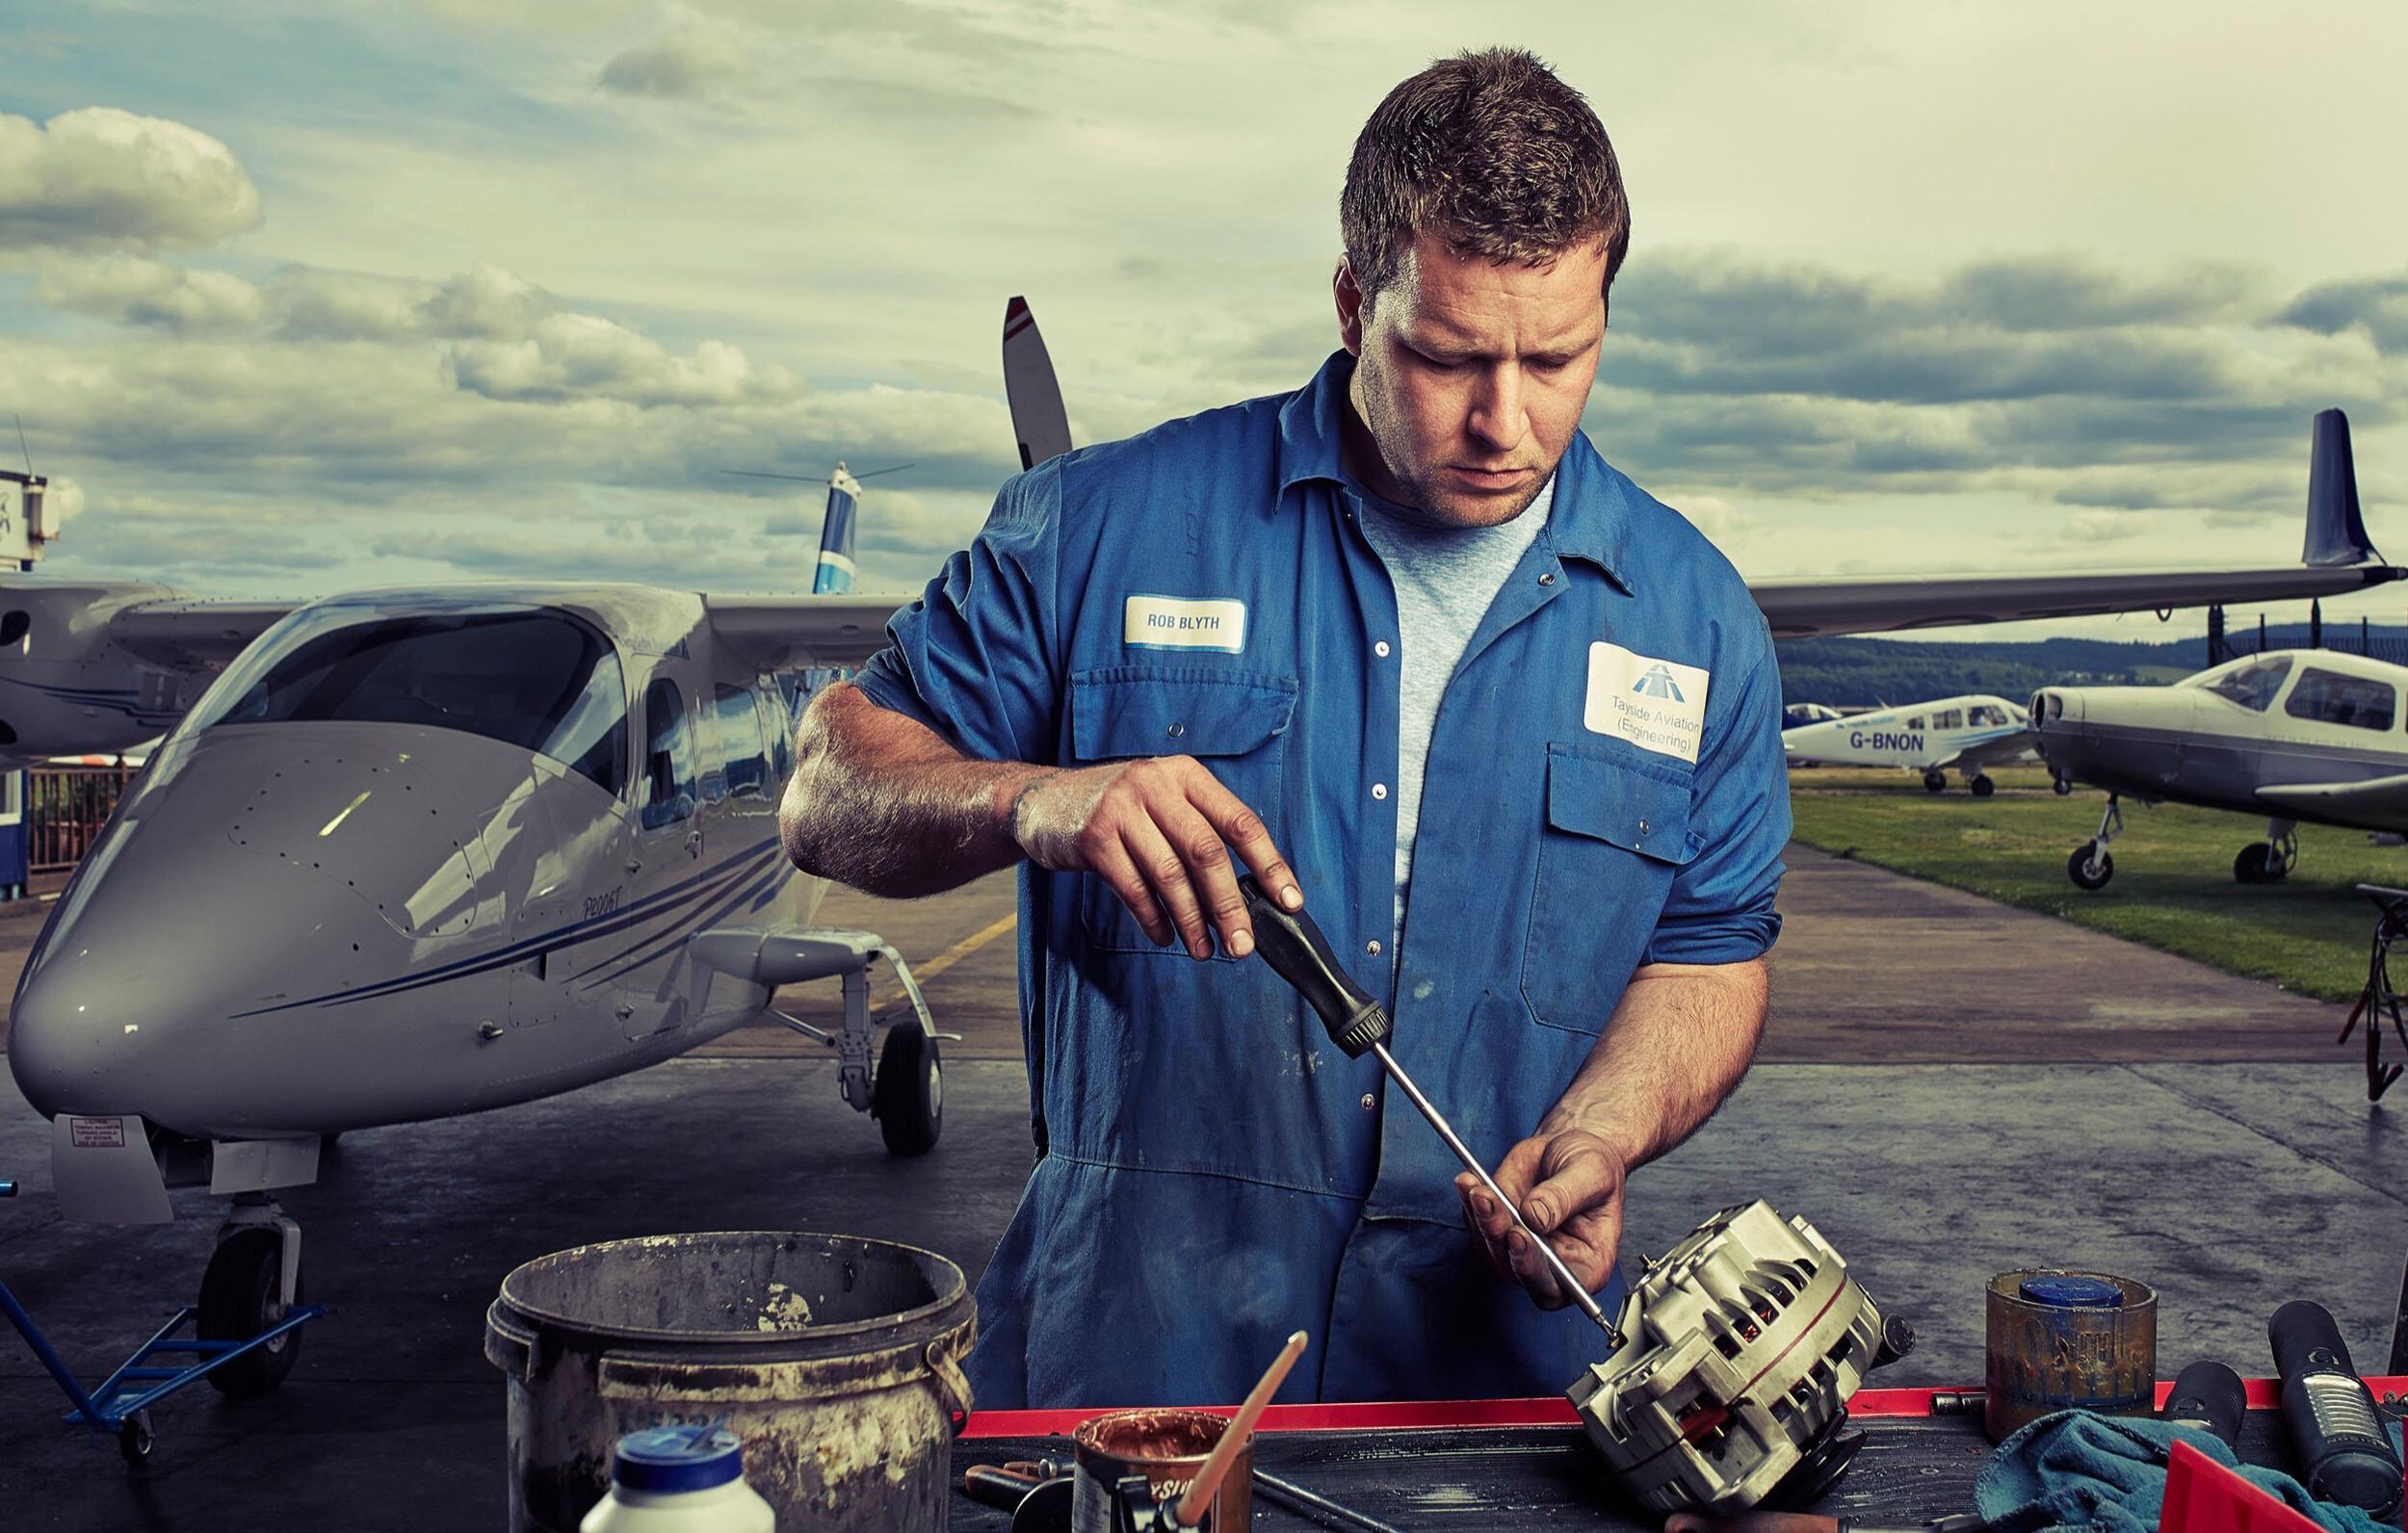 Web slideshow - Aviation mechanic.jpg